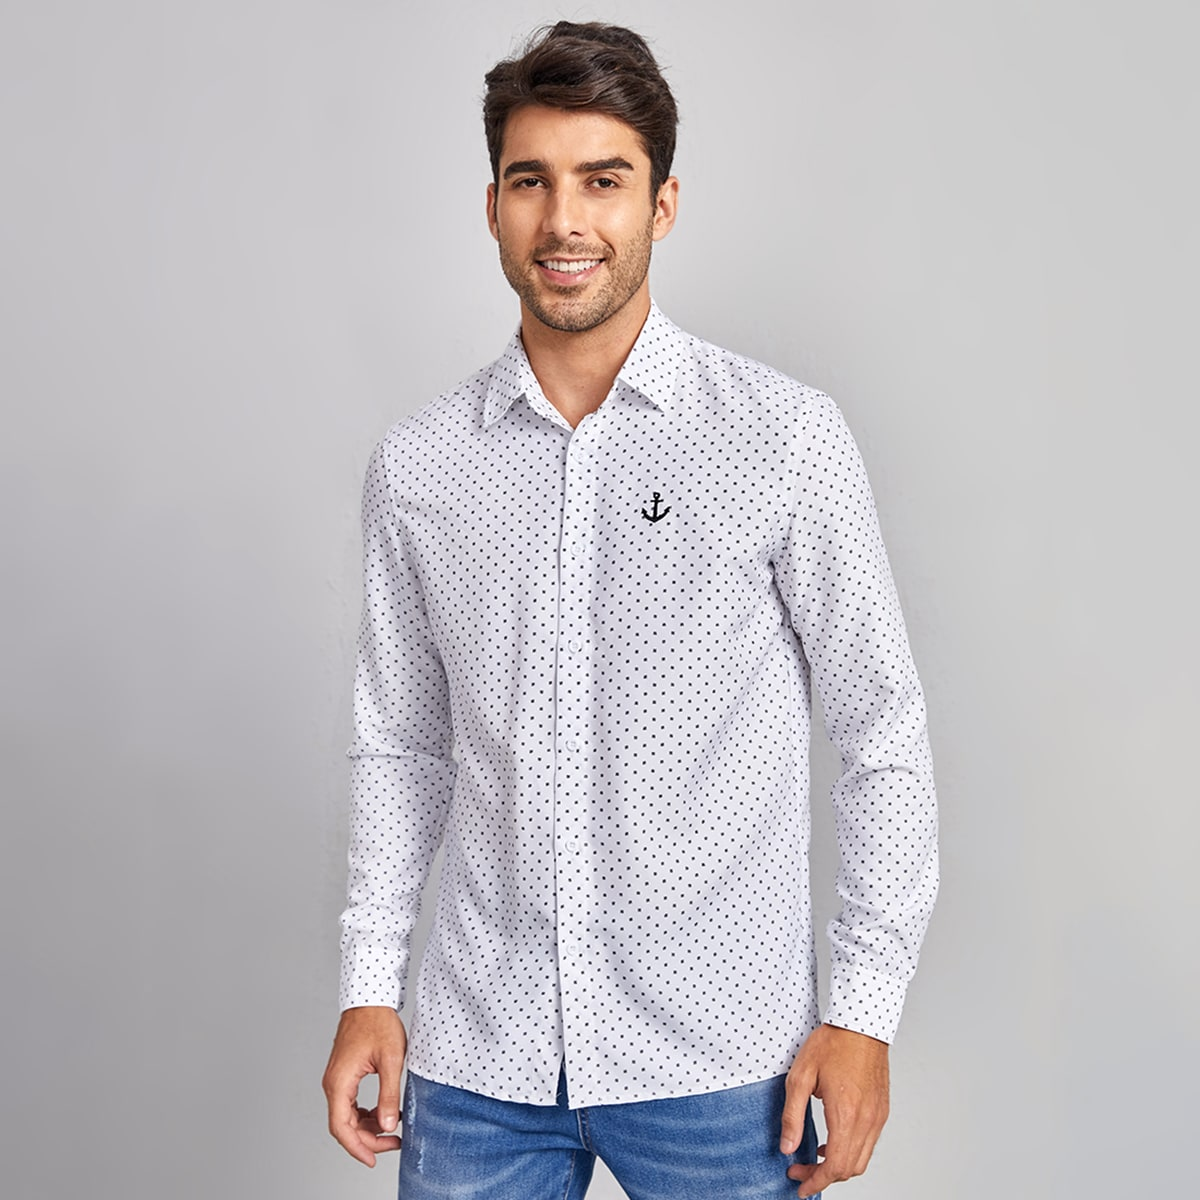 Мужской Рубашка с принтом якоря вышивкой